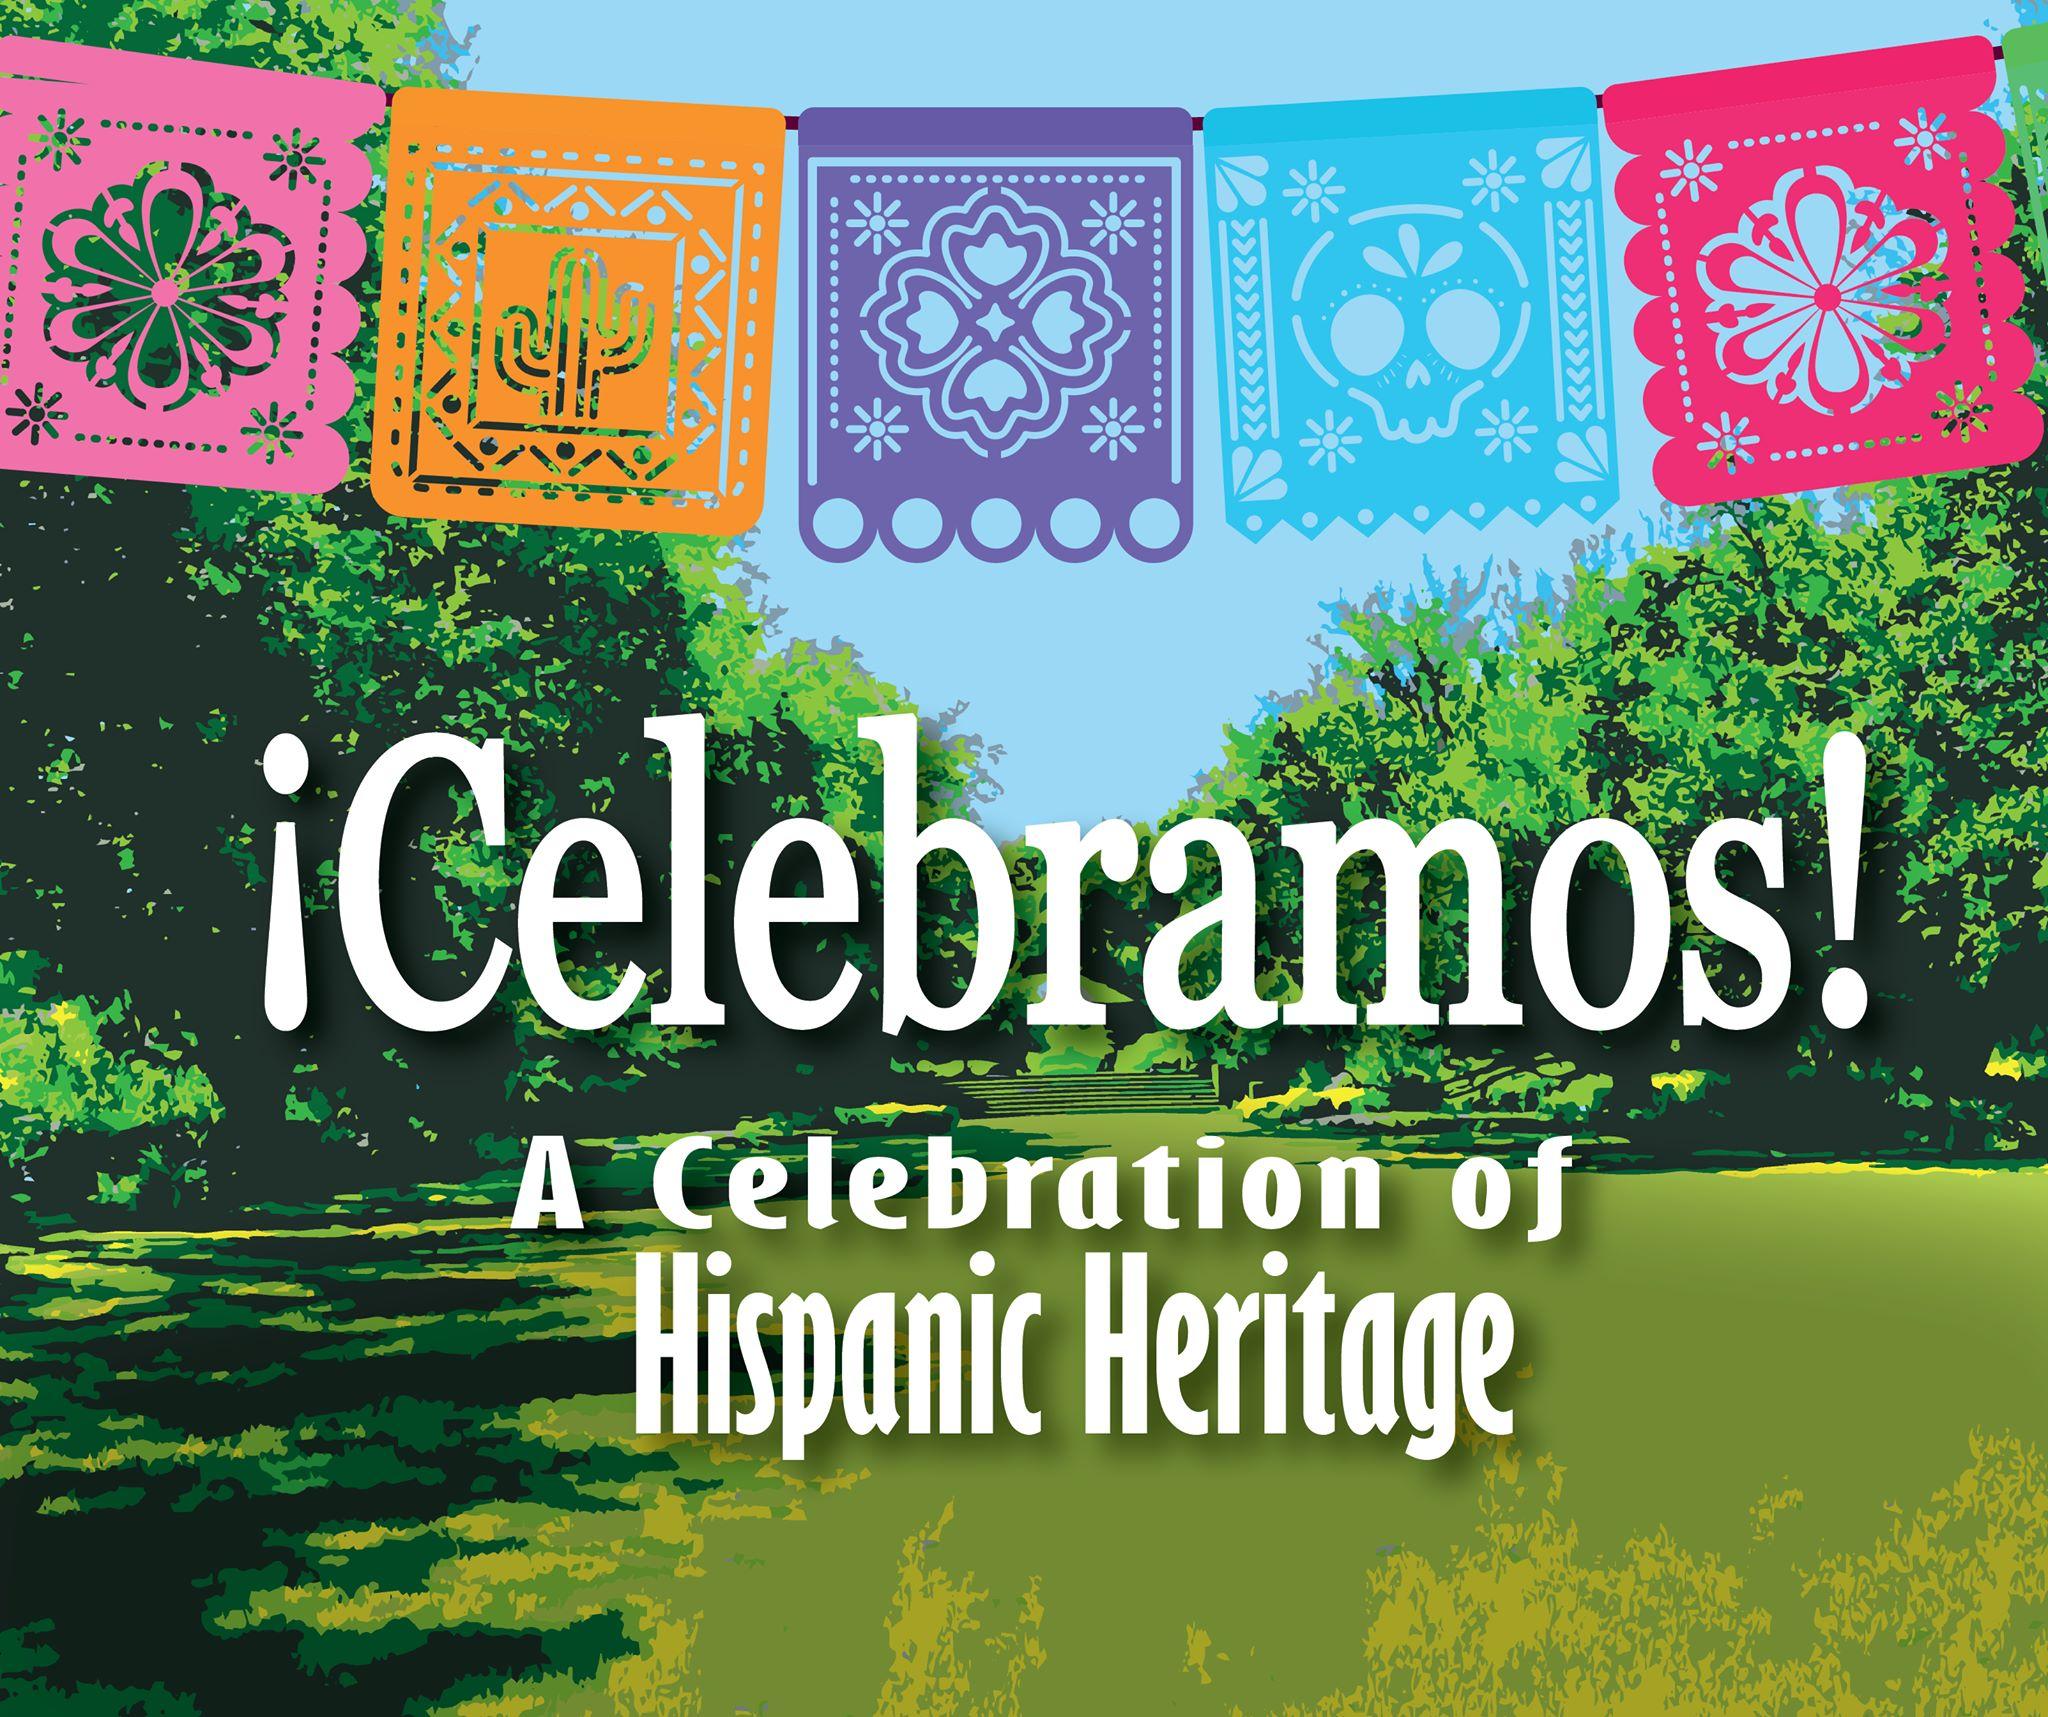 ¡Celebramos! A Celebration of Hispanic Heritage at Fort Worth Botanic Garden